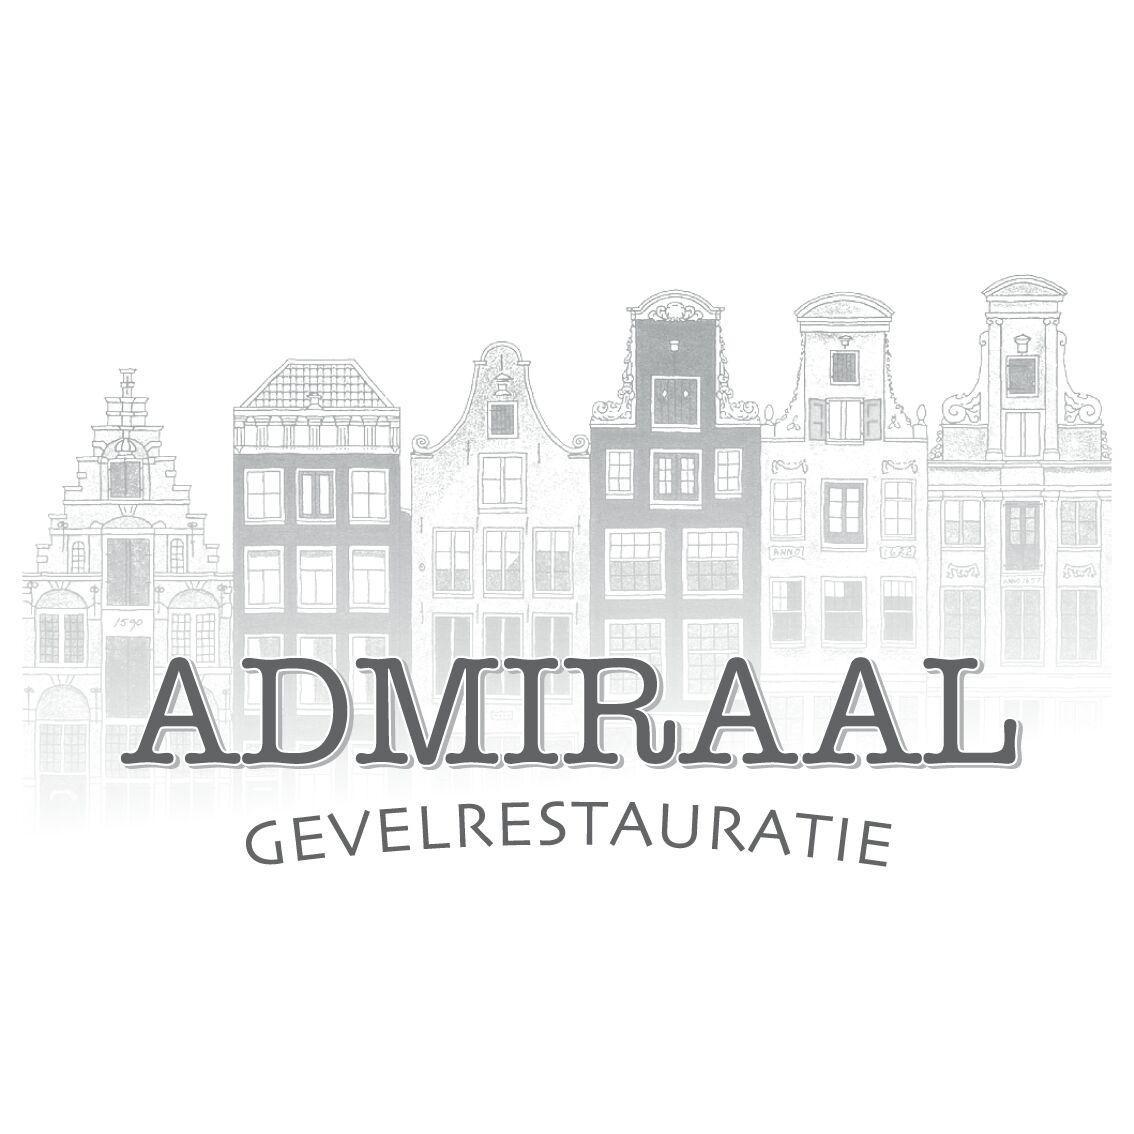 Admiraal gevelrestauratie